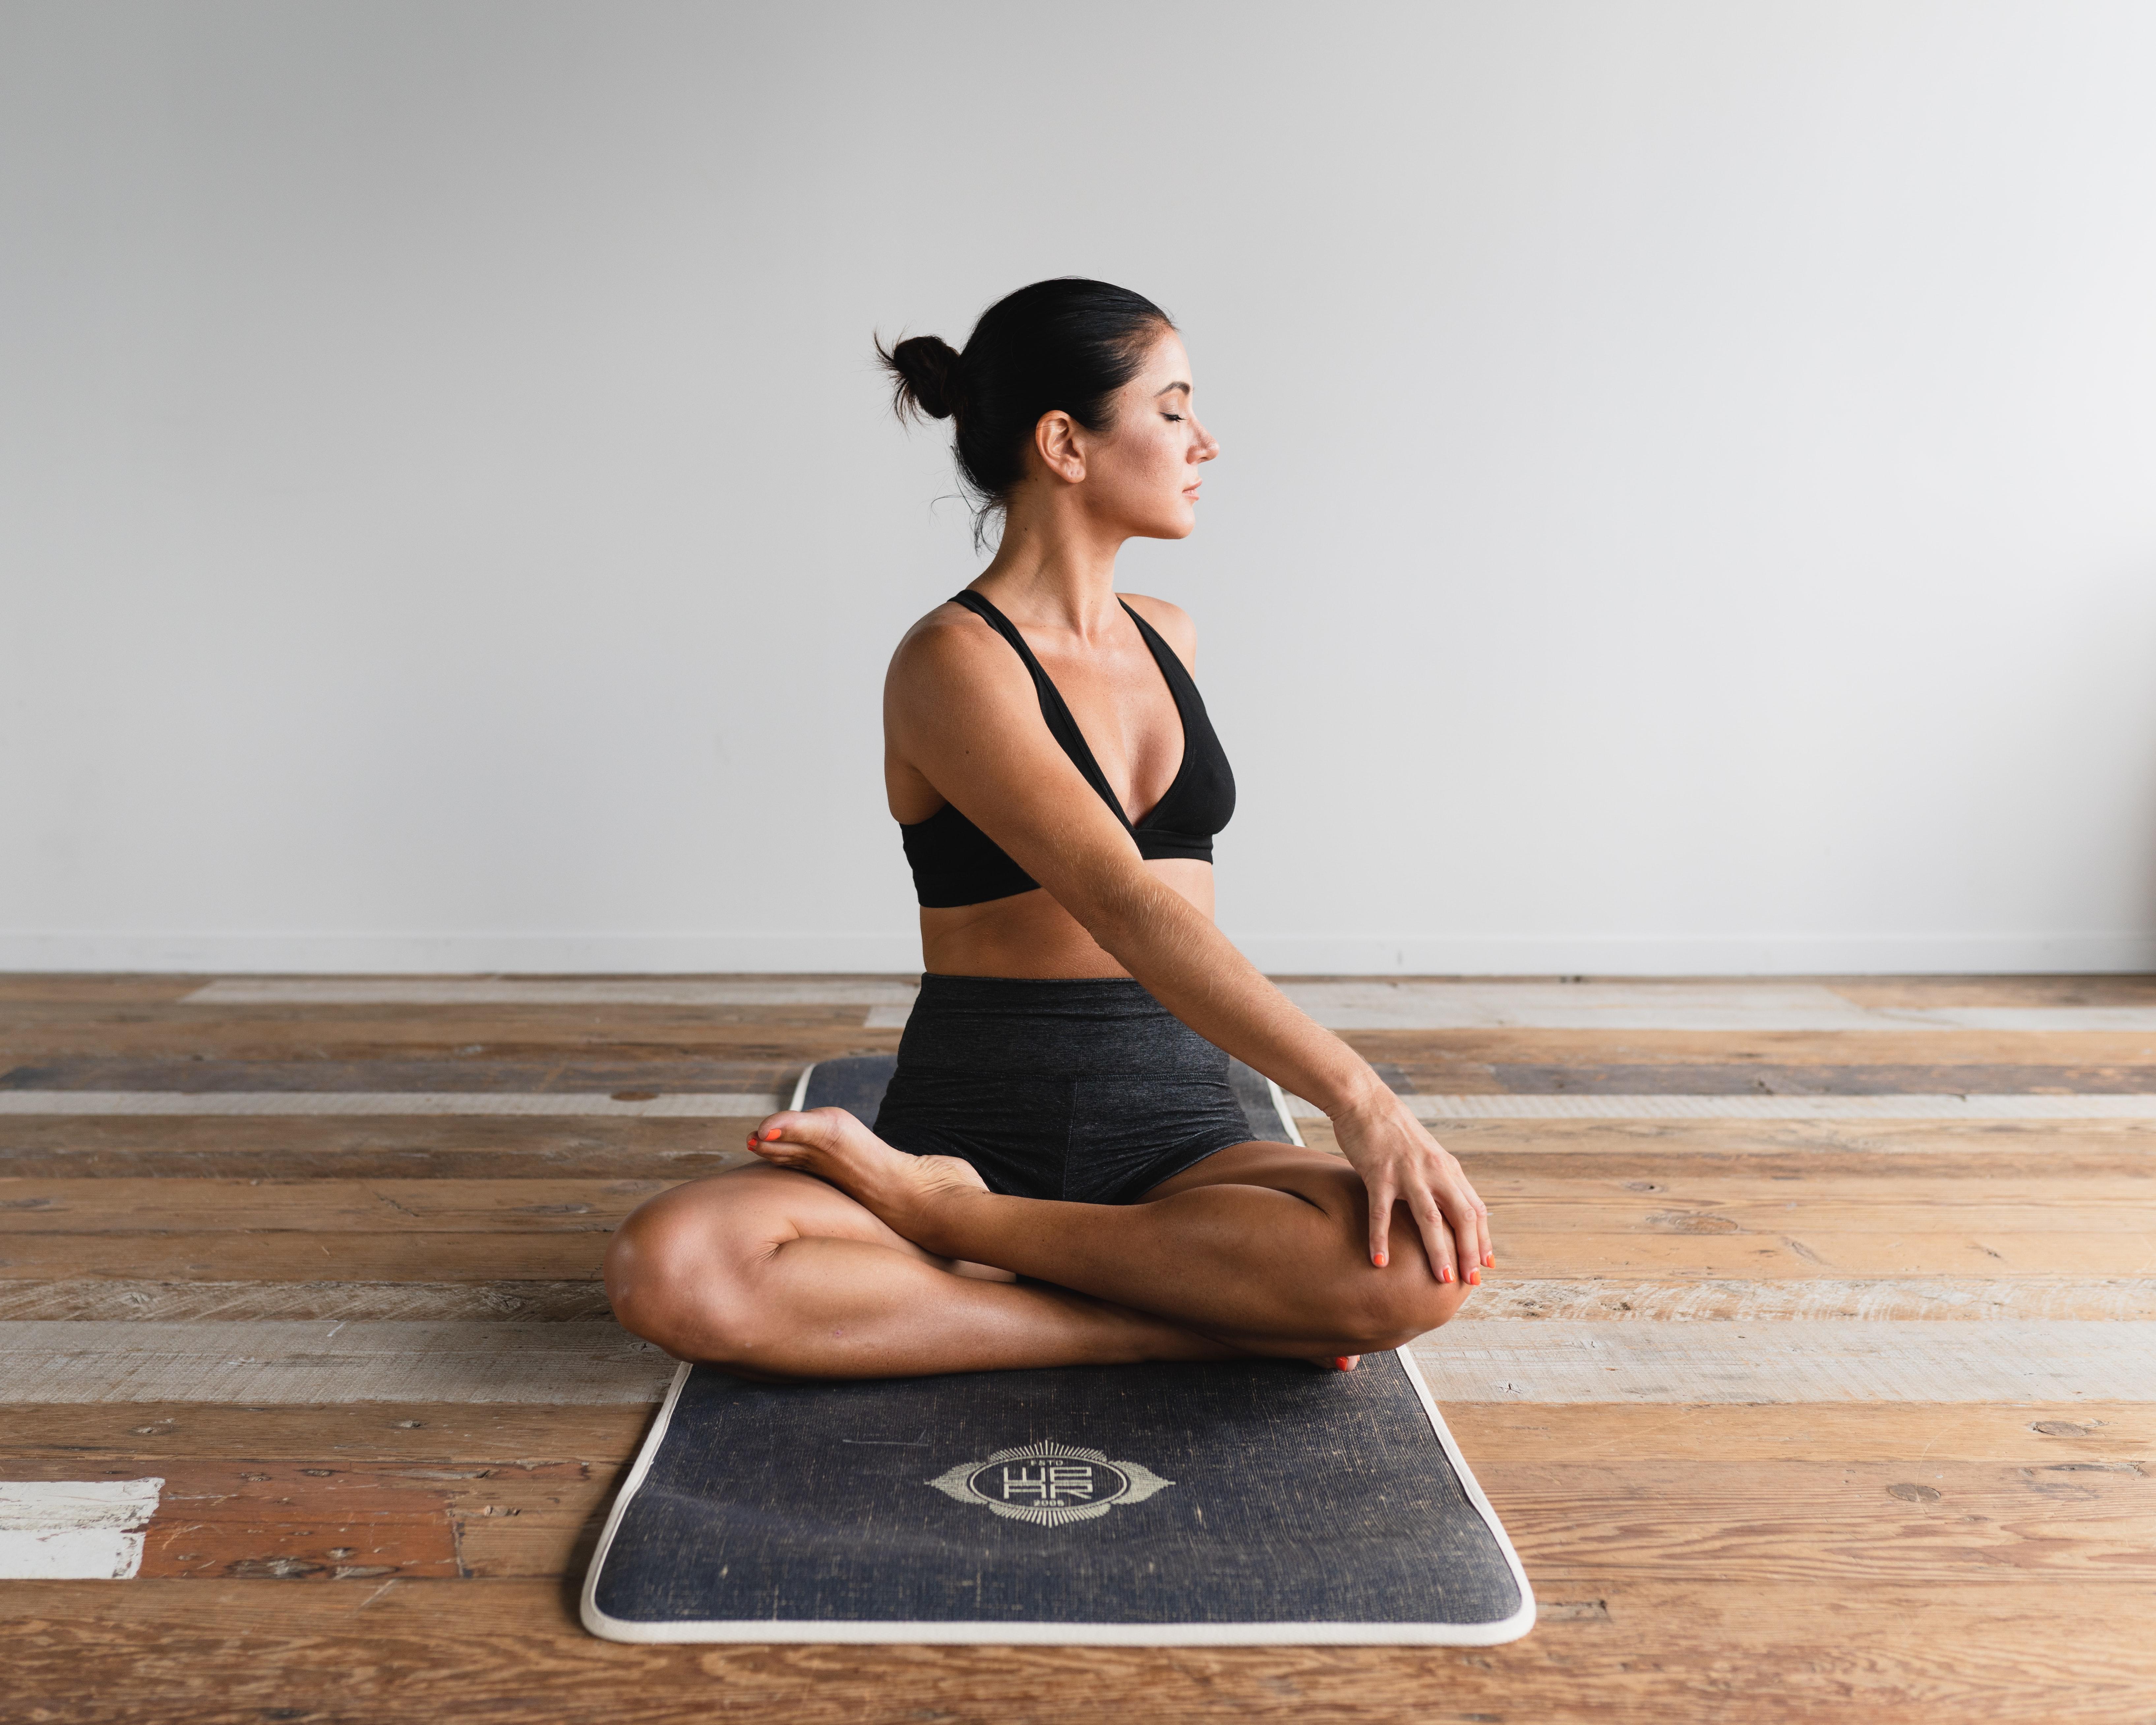 Публикация с тегами: Мотивация, Правильное питание, Йога